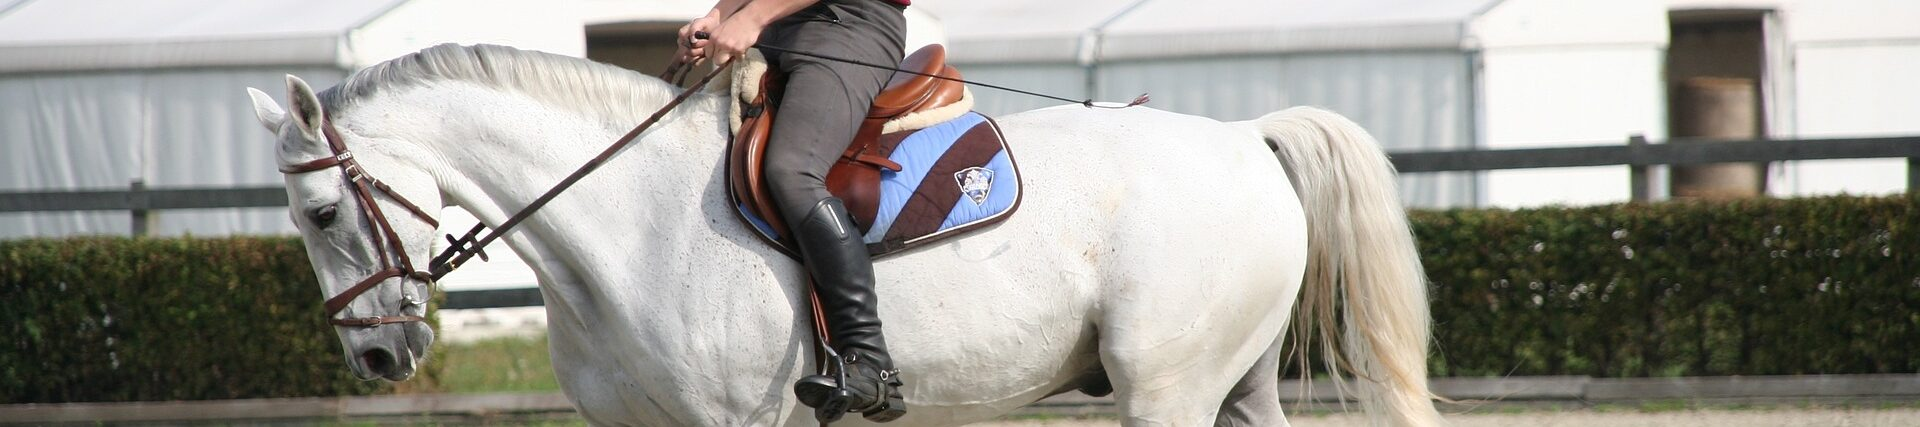 zadel paardrijden saddle